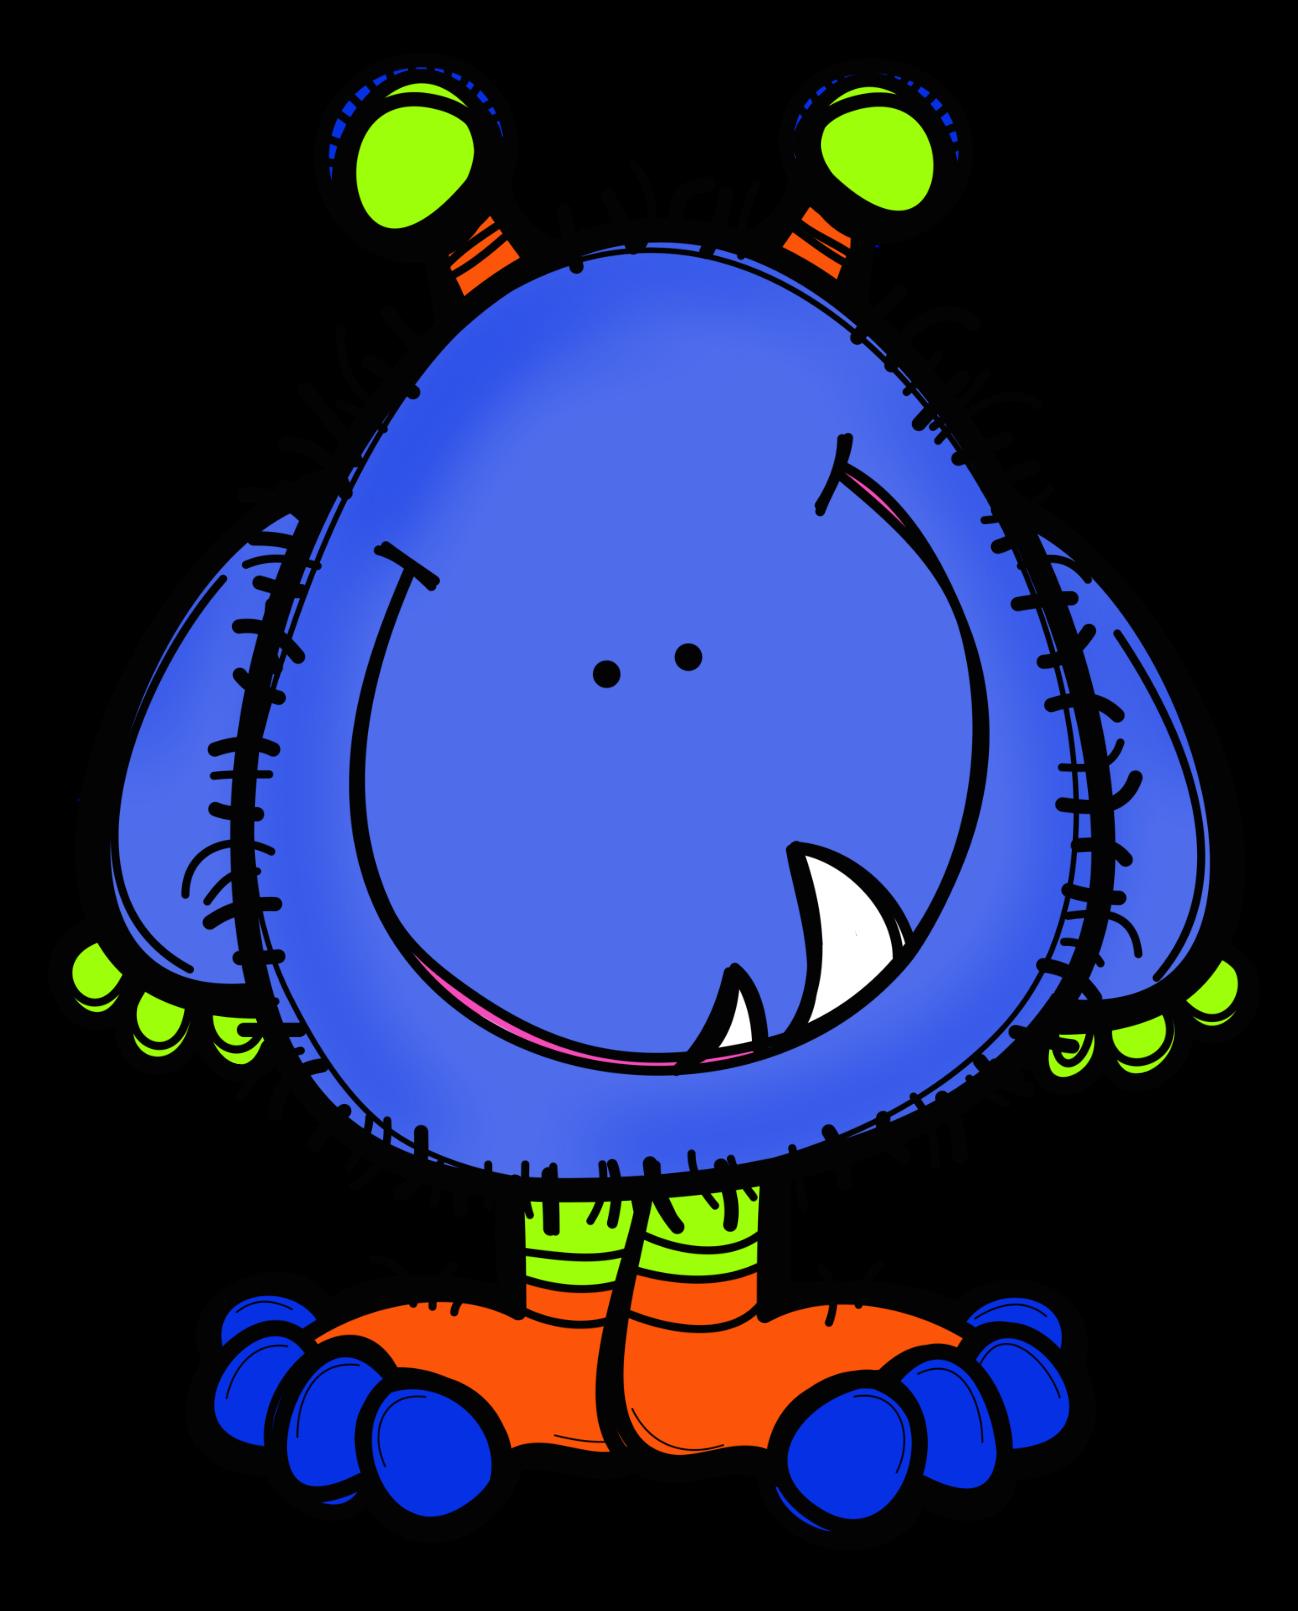 Silly blue fish clipart clip black and white download Problèmes de monstres, le retour... - De deux choses l'une ... clip black and white download